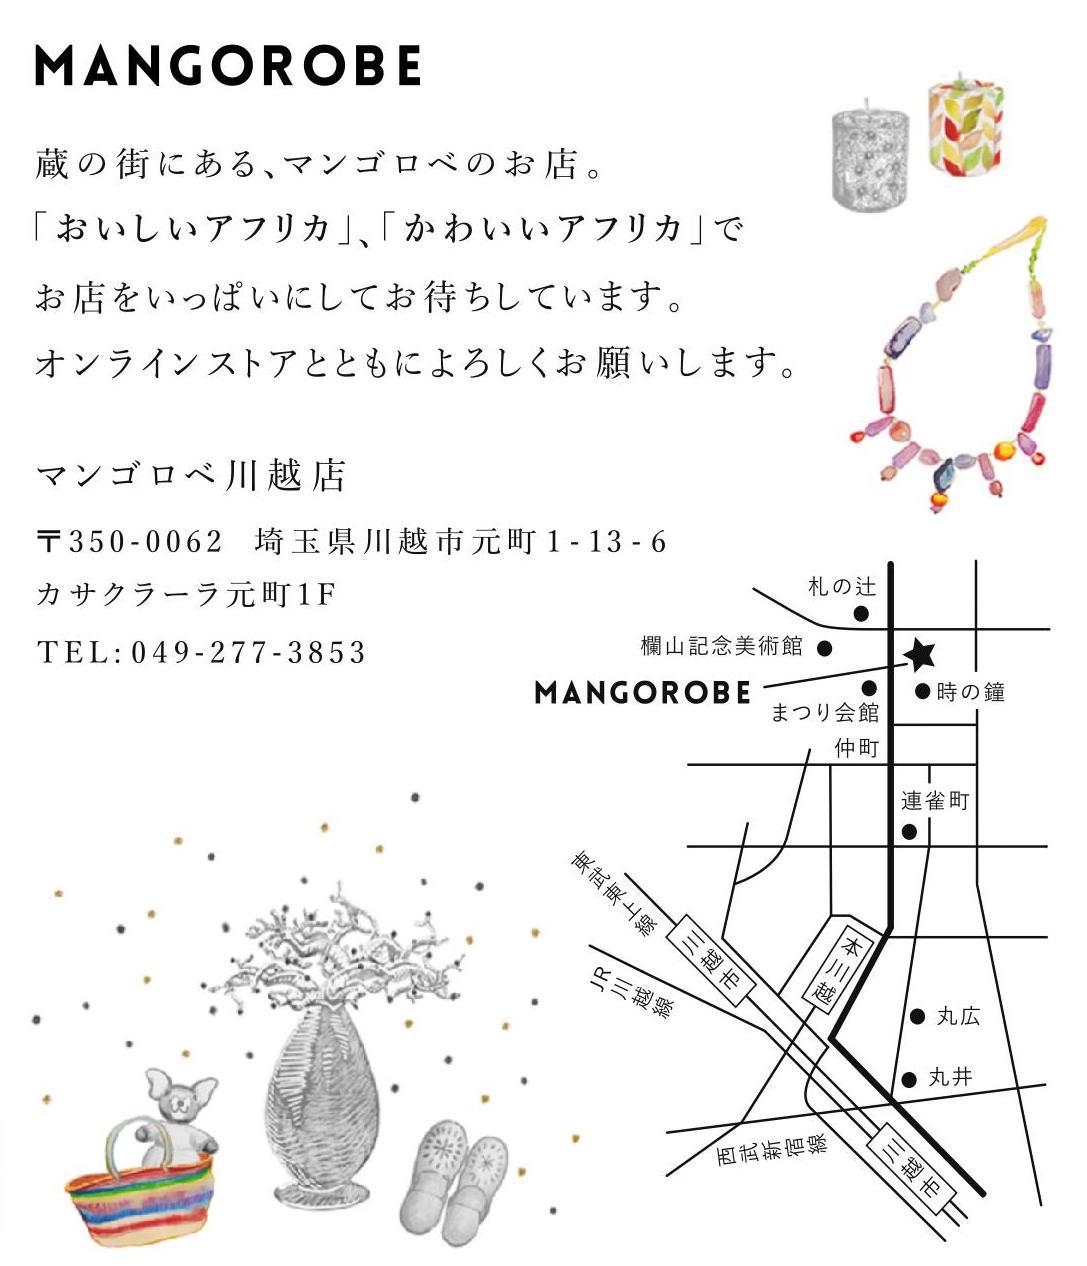 マンゴロ地図